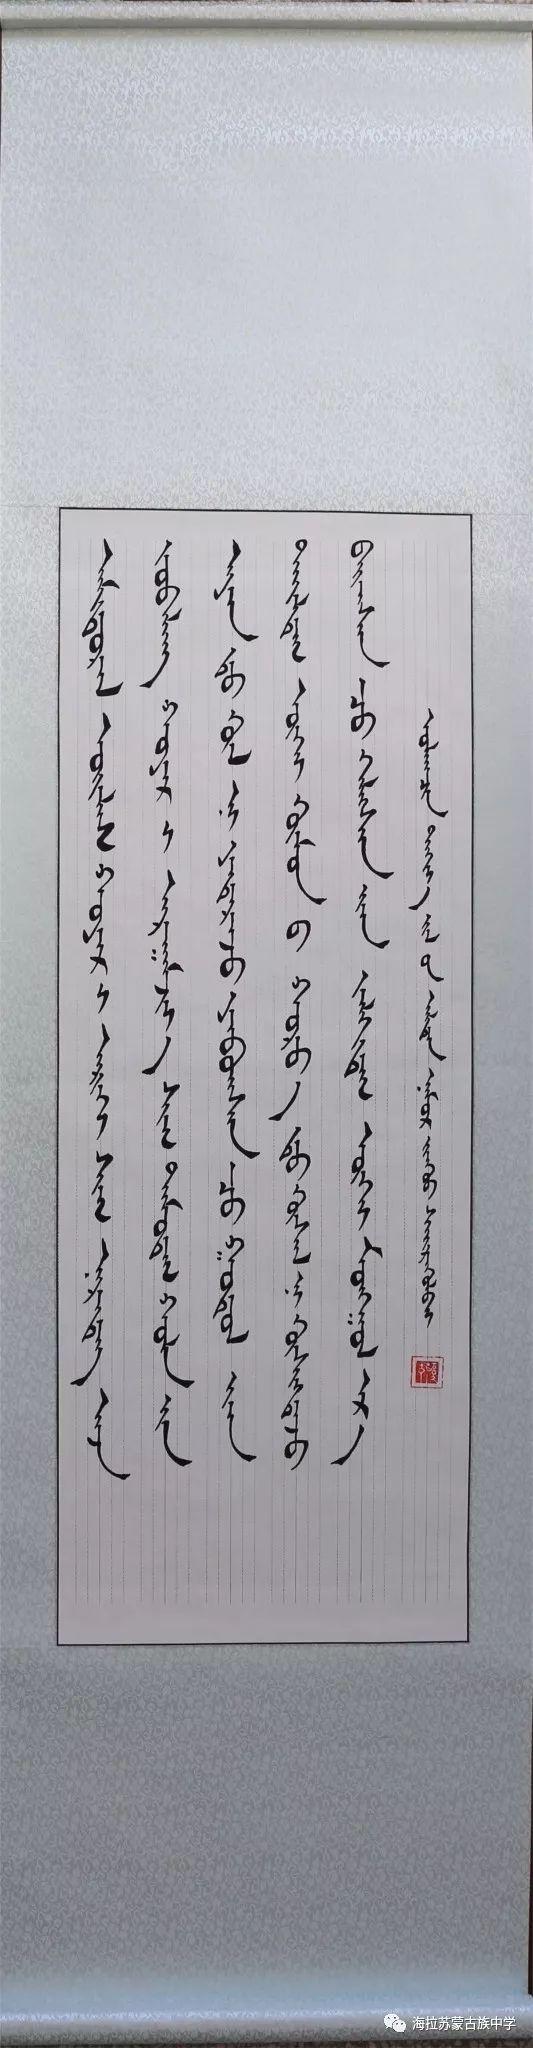 【奥奇】蒙古文书法网络展 第22张